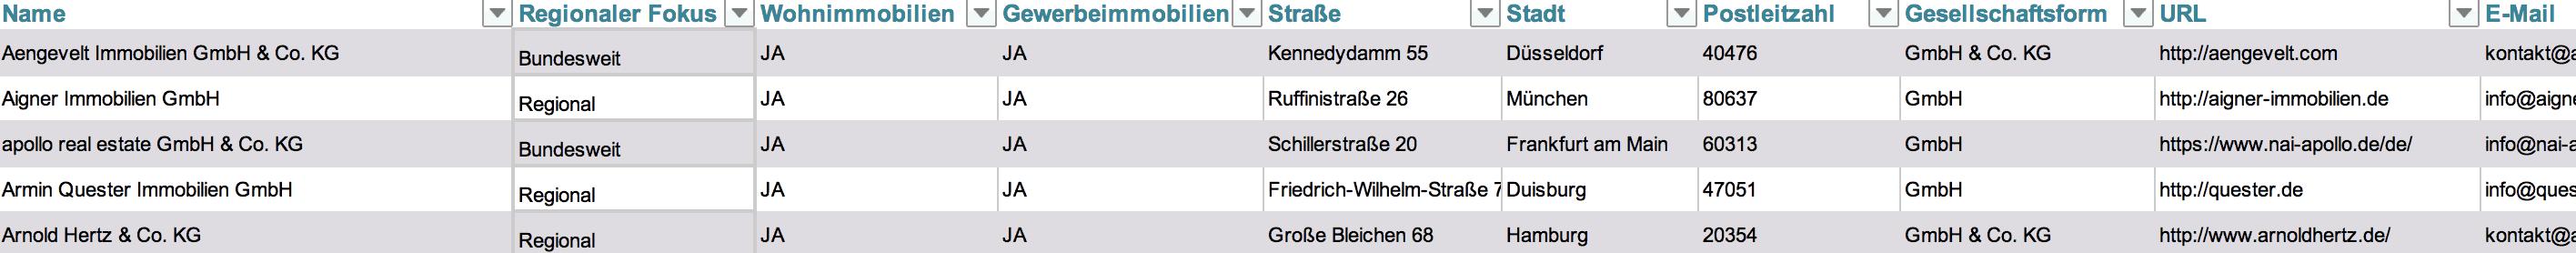 größte deutsche immobilienmakler